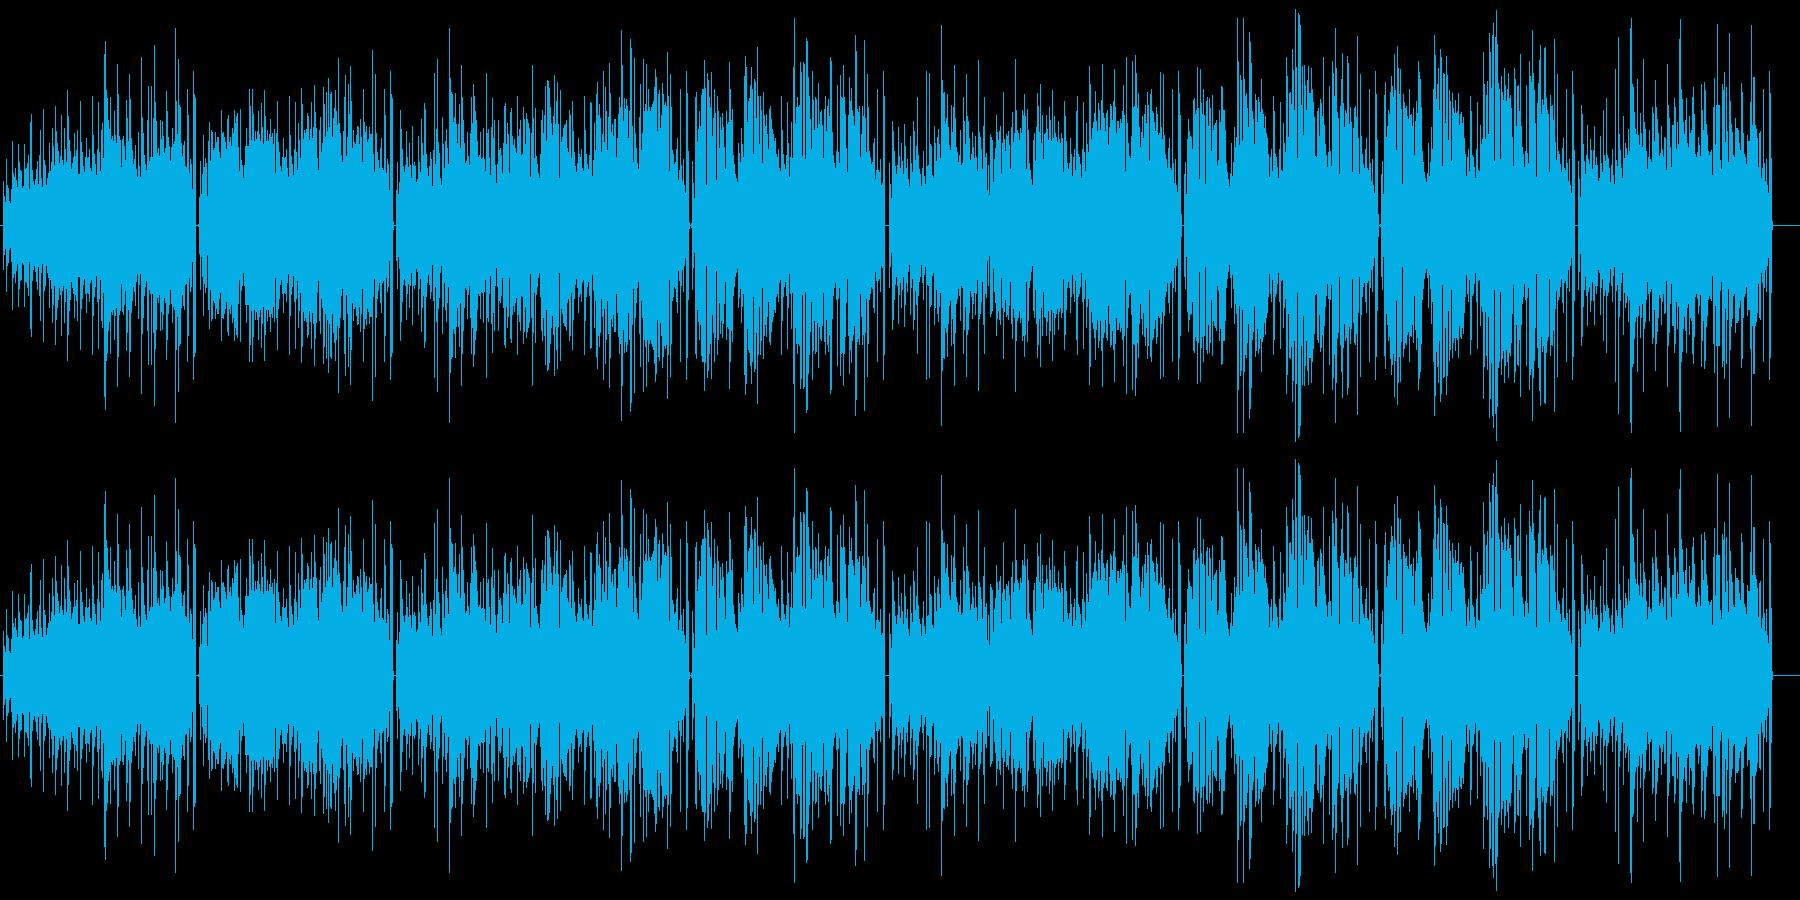 アコースティックギター弾き語りの再生済みの波形